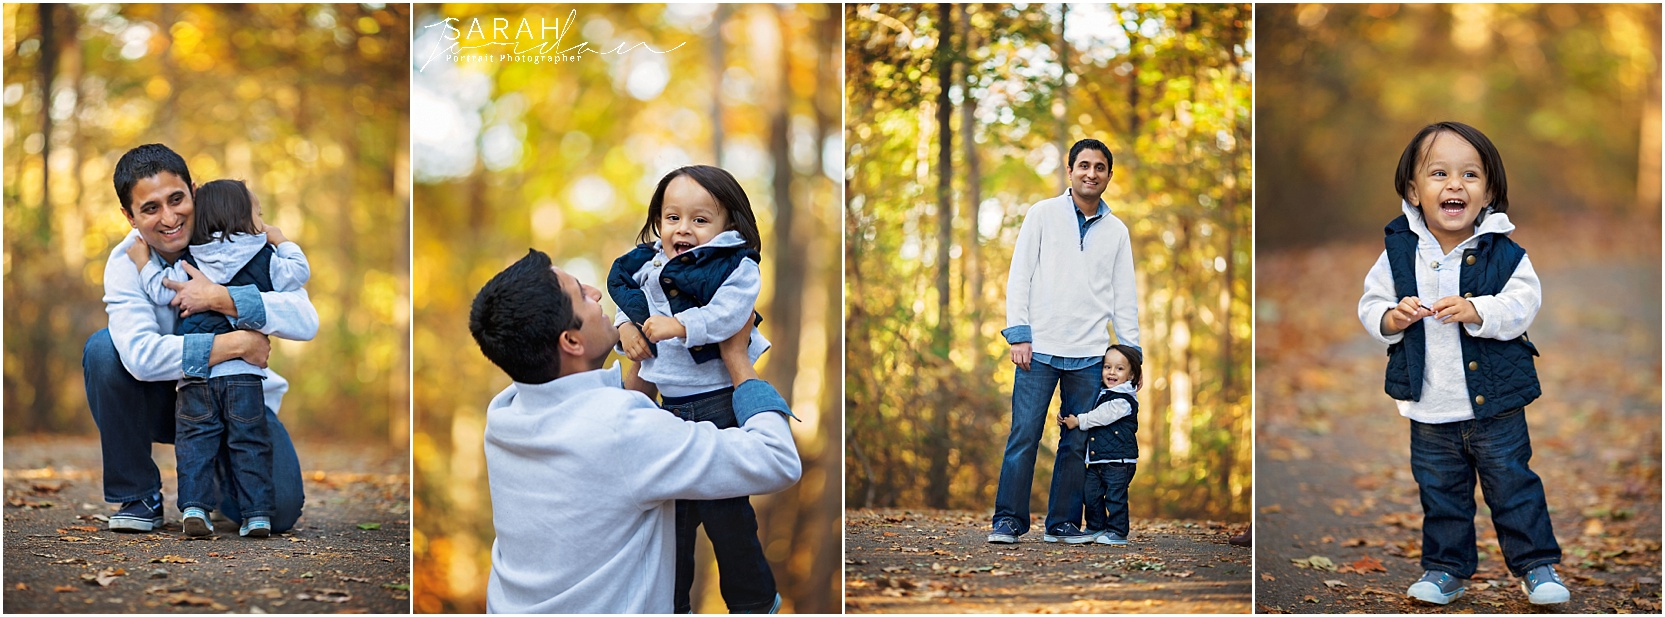 atlantaduluthfamilyphotographer.jpg_0159.jpg